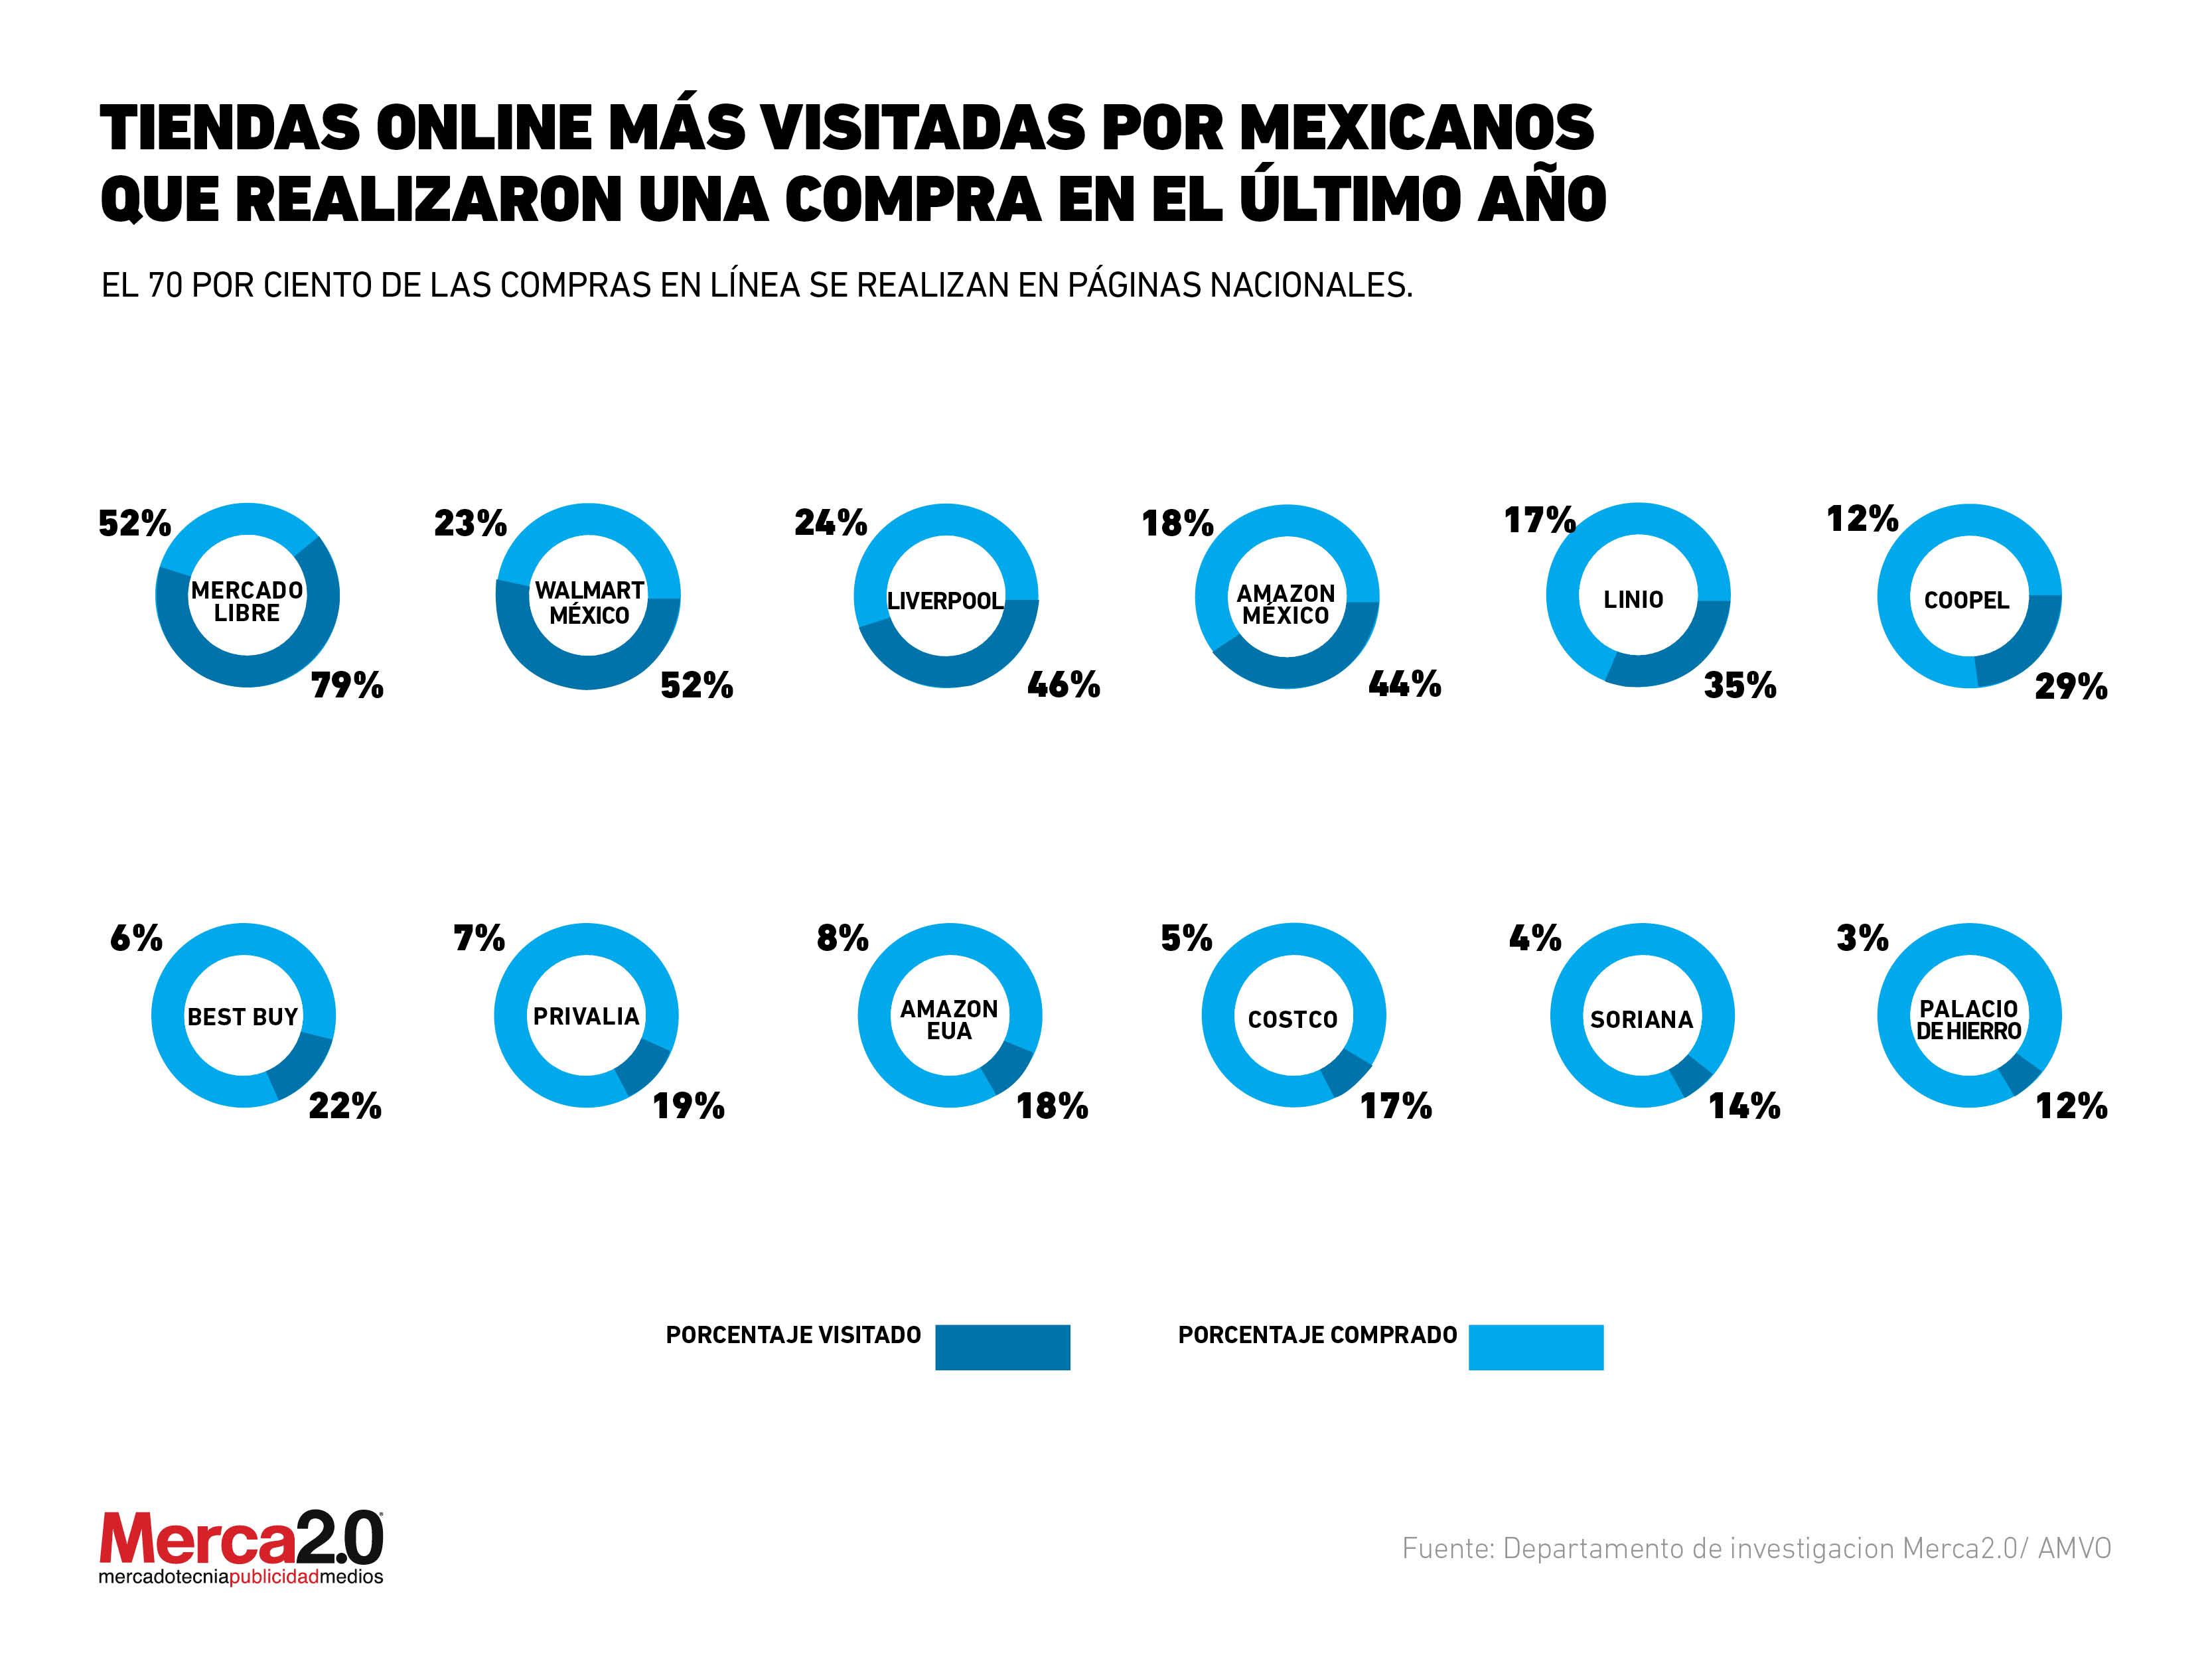 1590aadc0cab Tiendas online más visitadas por mexicanos que realizaron una ...